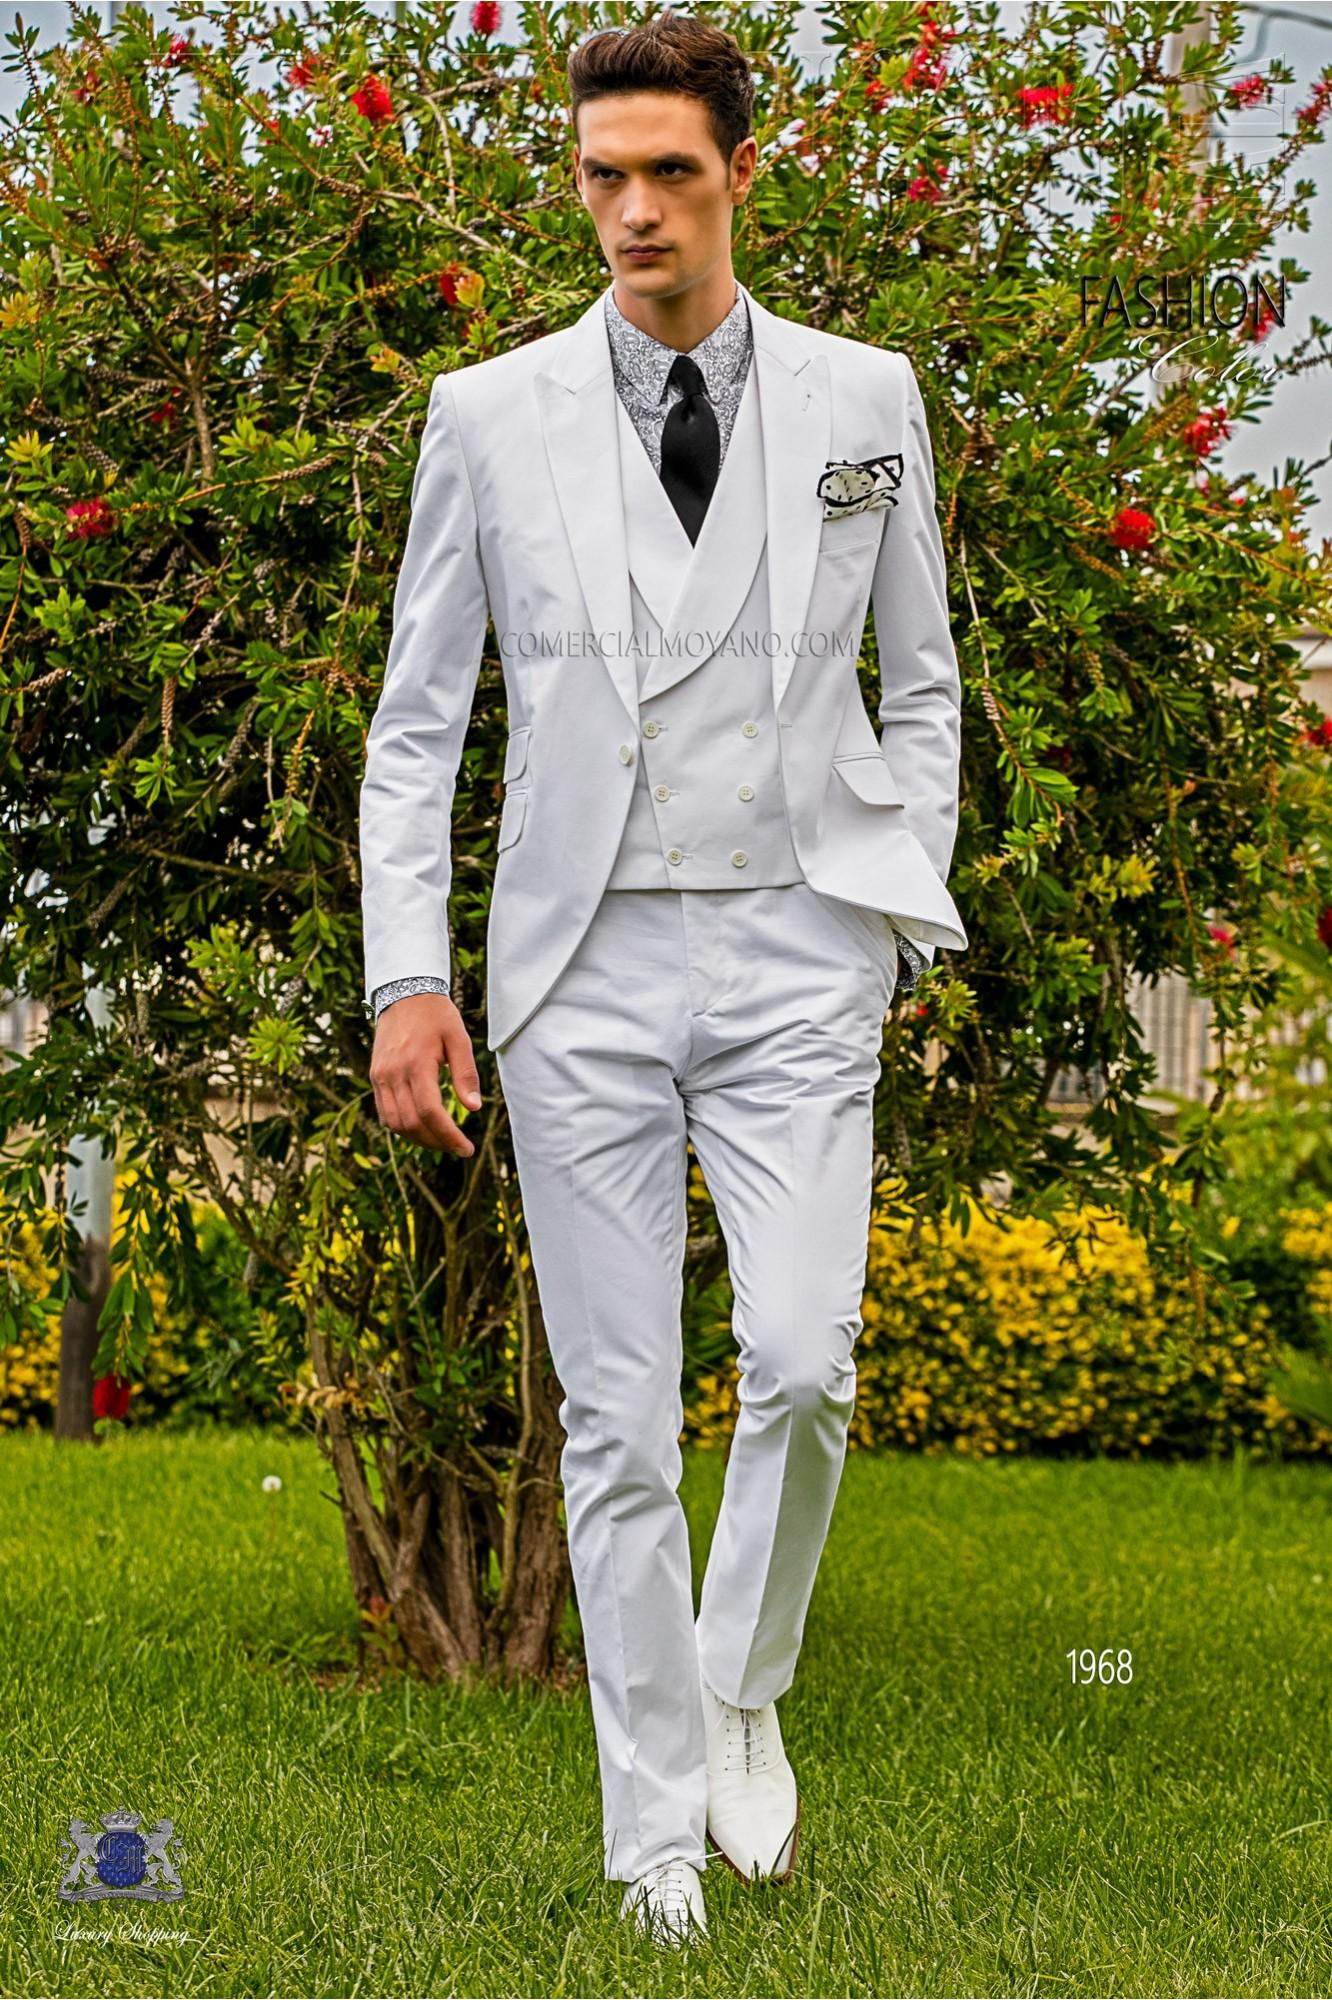 Traje de novio italiano a medida blanco de algodón modelo: 1968 Ottavio Nuccio Gala colección Hipster